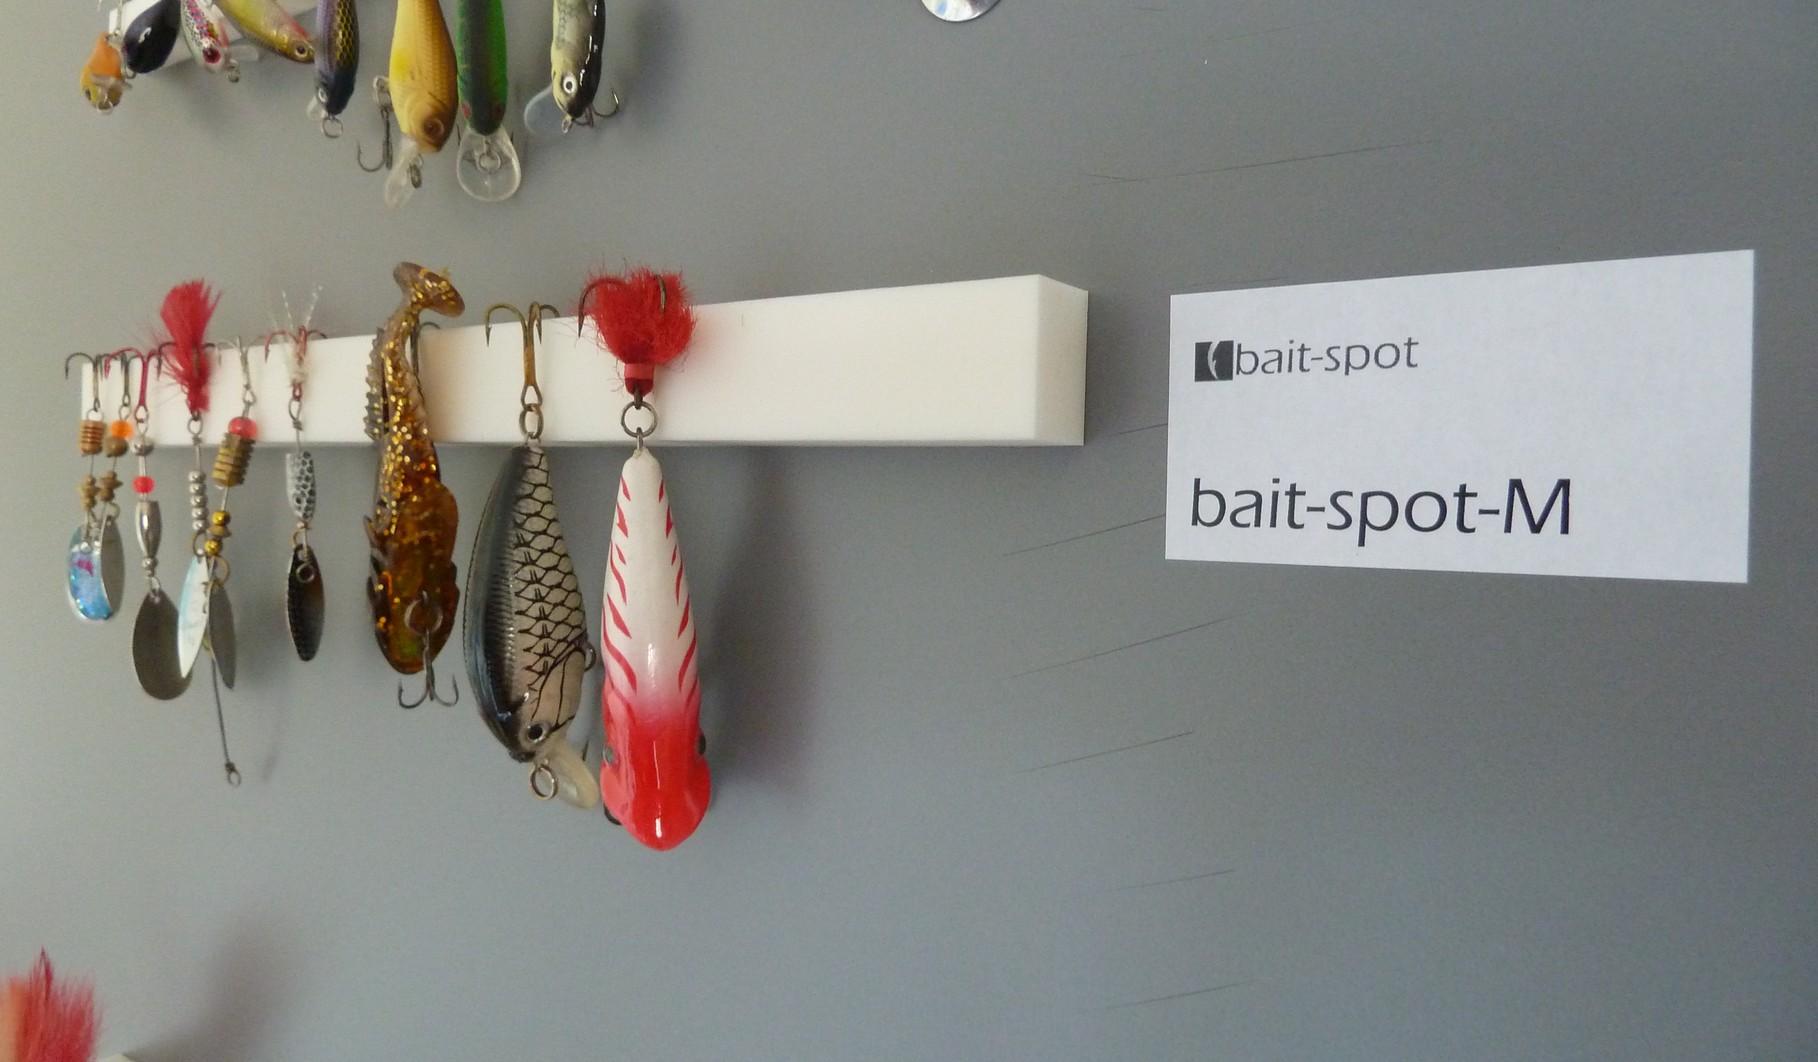 bait-spot-M bestückt